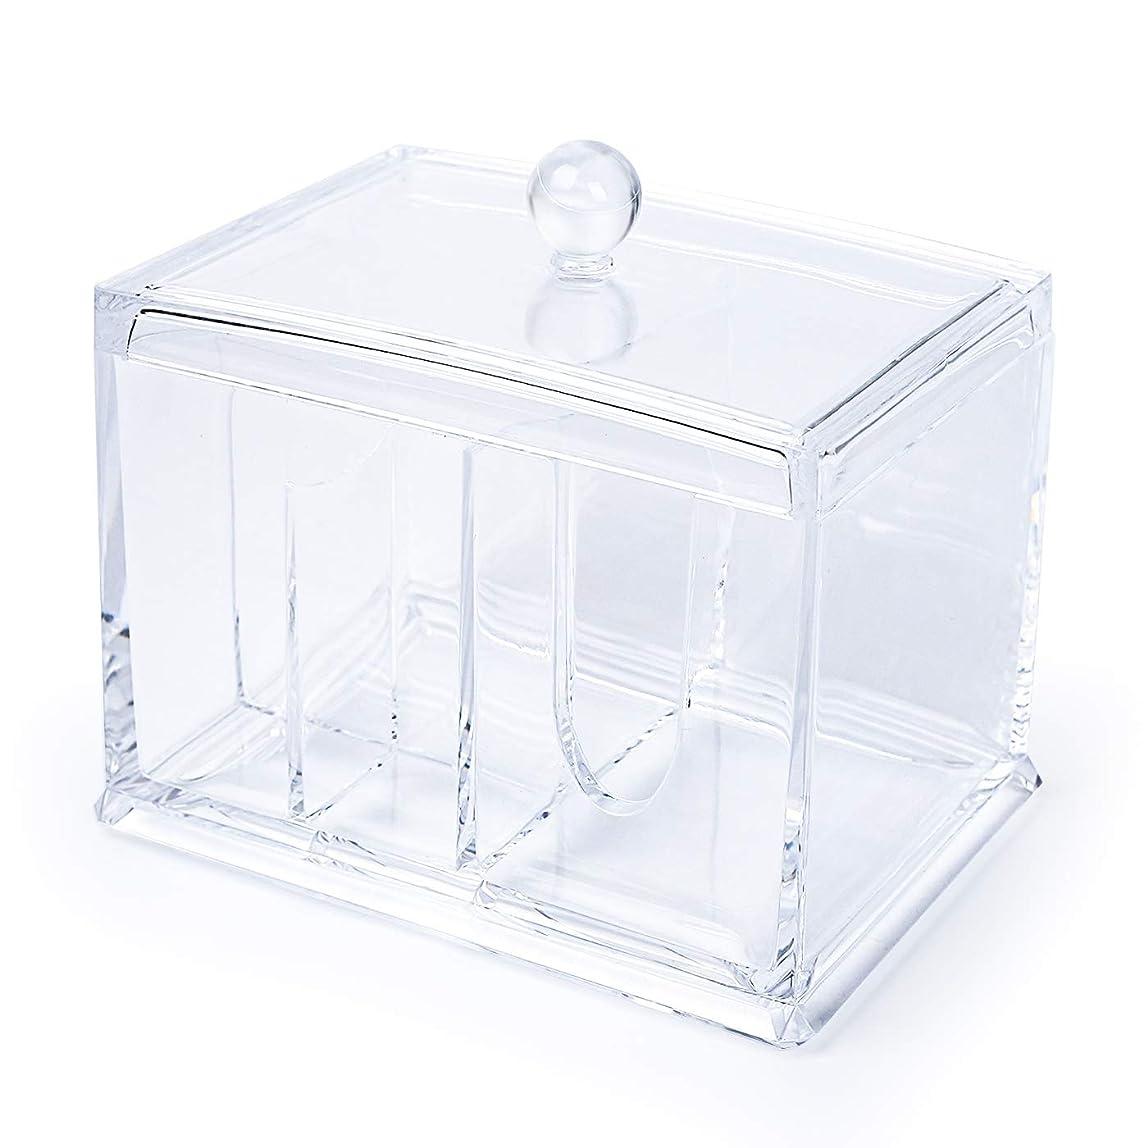 浮く領域店員ELOKI 収納ボックス アクリルケース 収納ボックス 綿棒 小物?コスメ小物用品収納 ジュエリーボックス アクセサリー 透明 防塵?蓋付き アクリル製